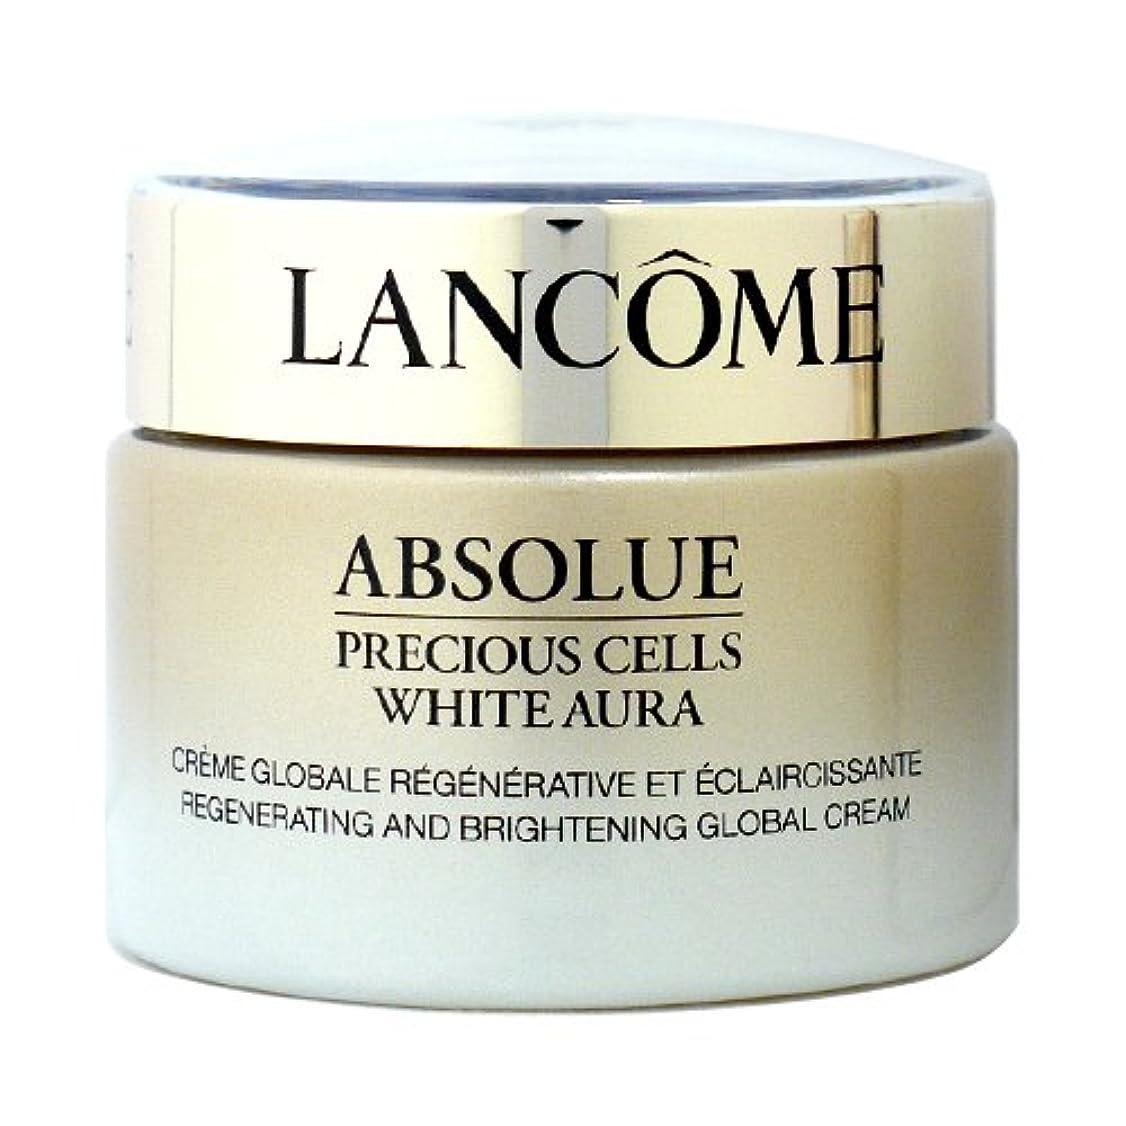 ほうき口実実験的ランコム アプソリュ プレシャスセル ホワイトオーラ クリーム N 50ml